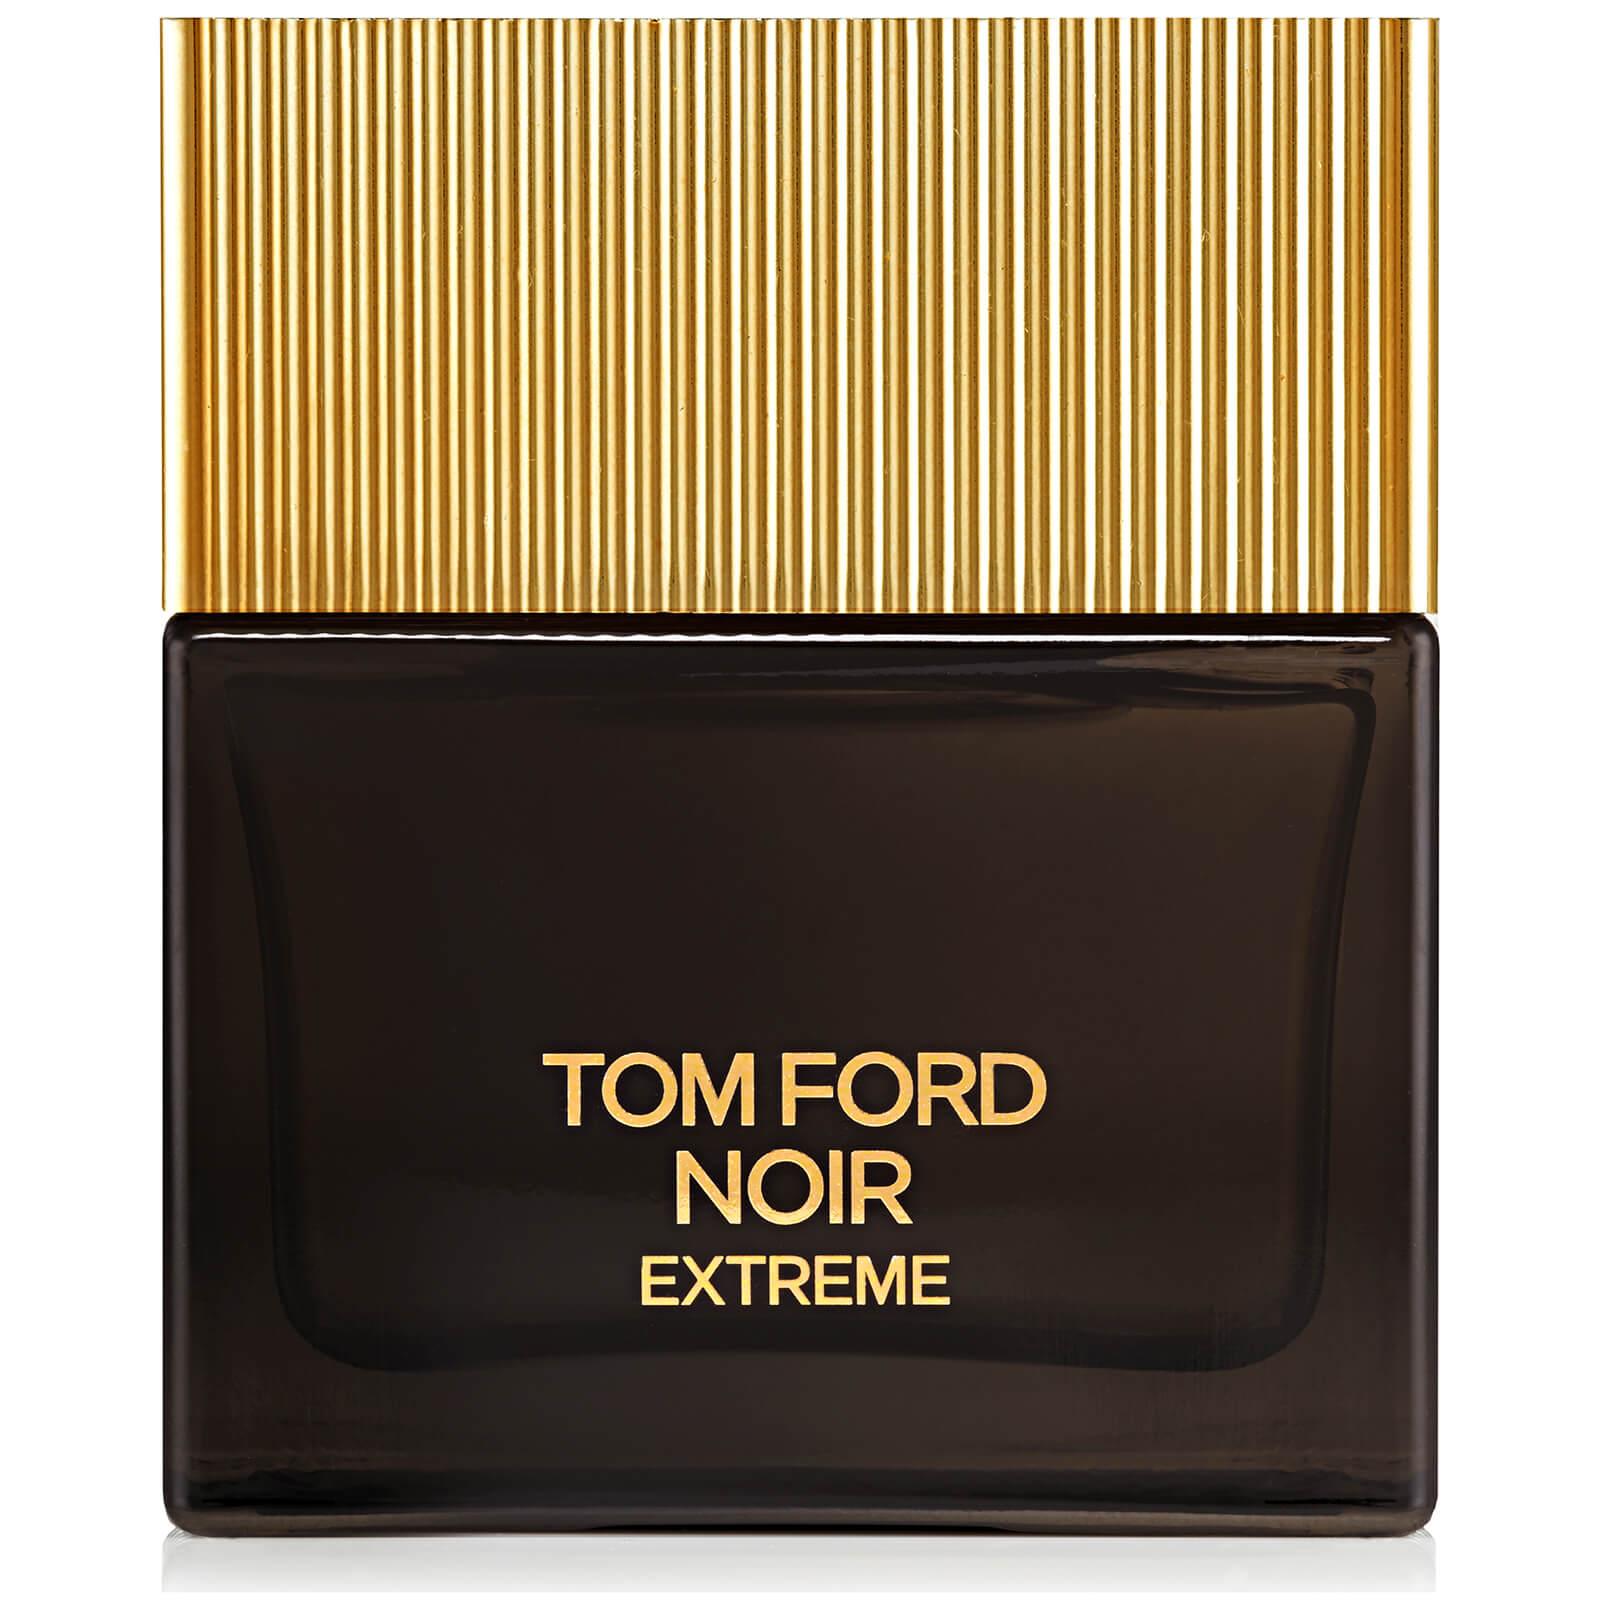 Tom Ford Noir Extreme Eau De Parfum Various Sizes Lookfantastic